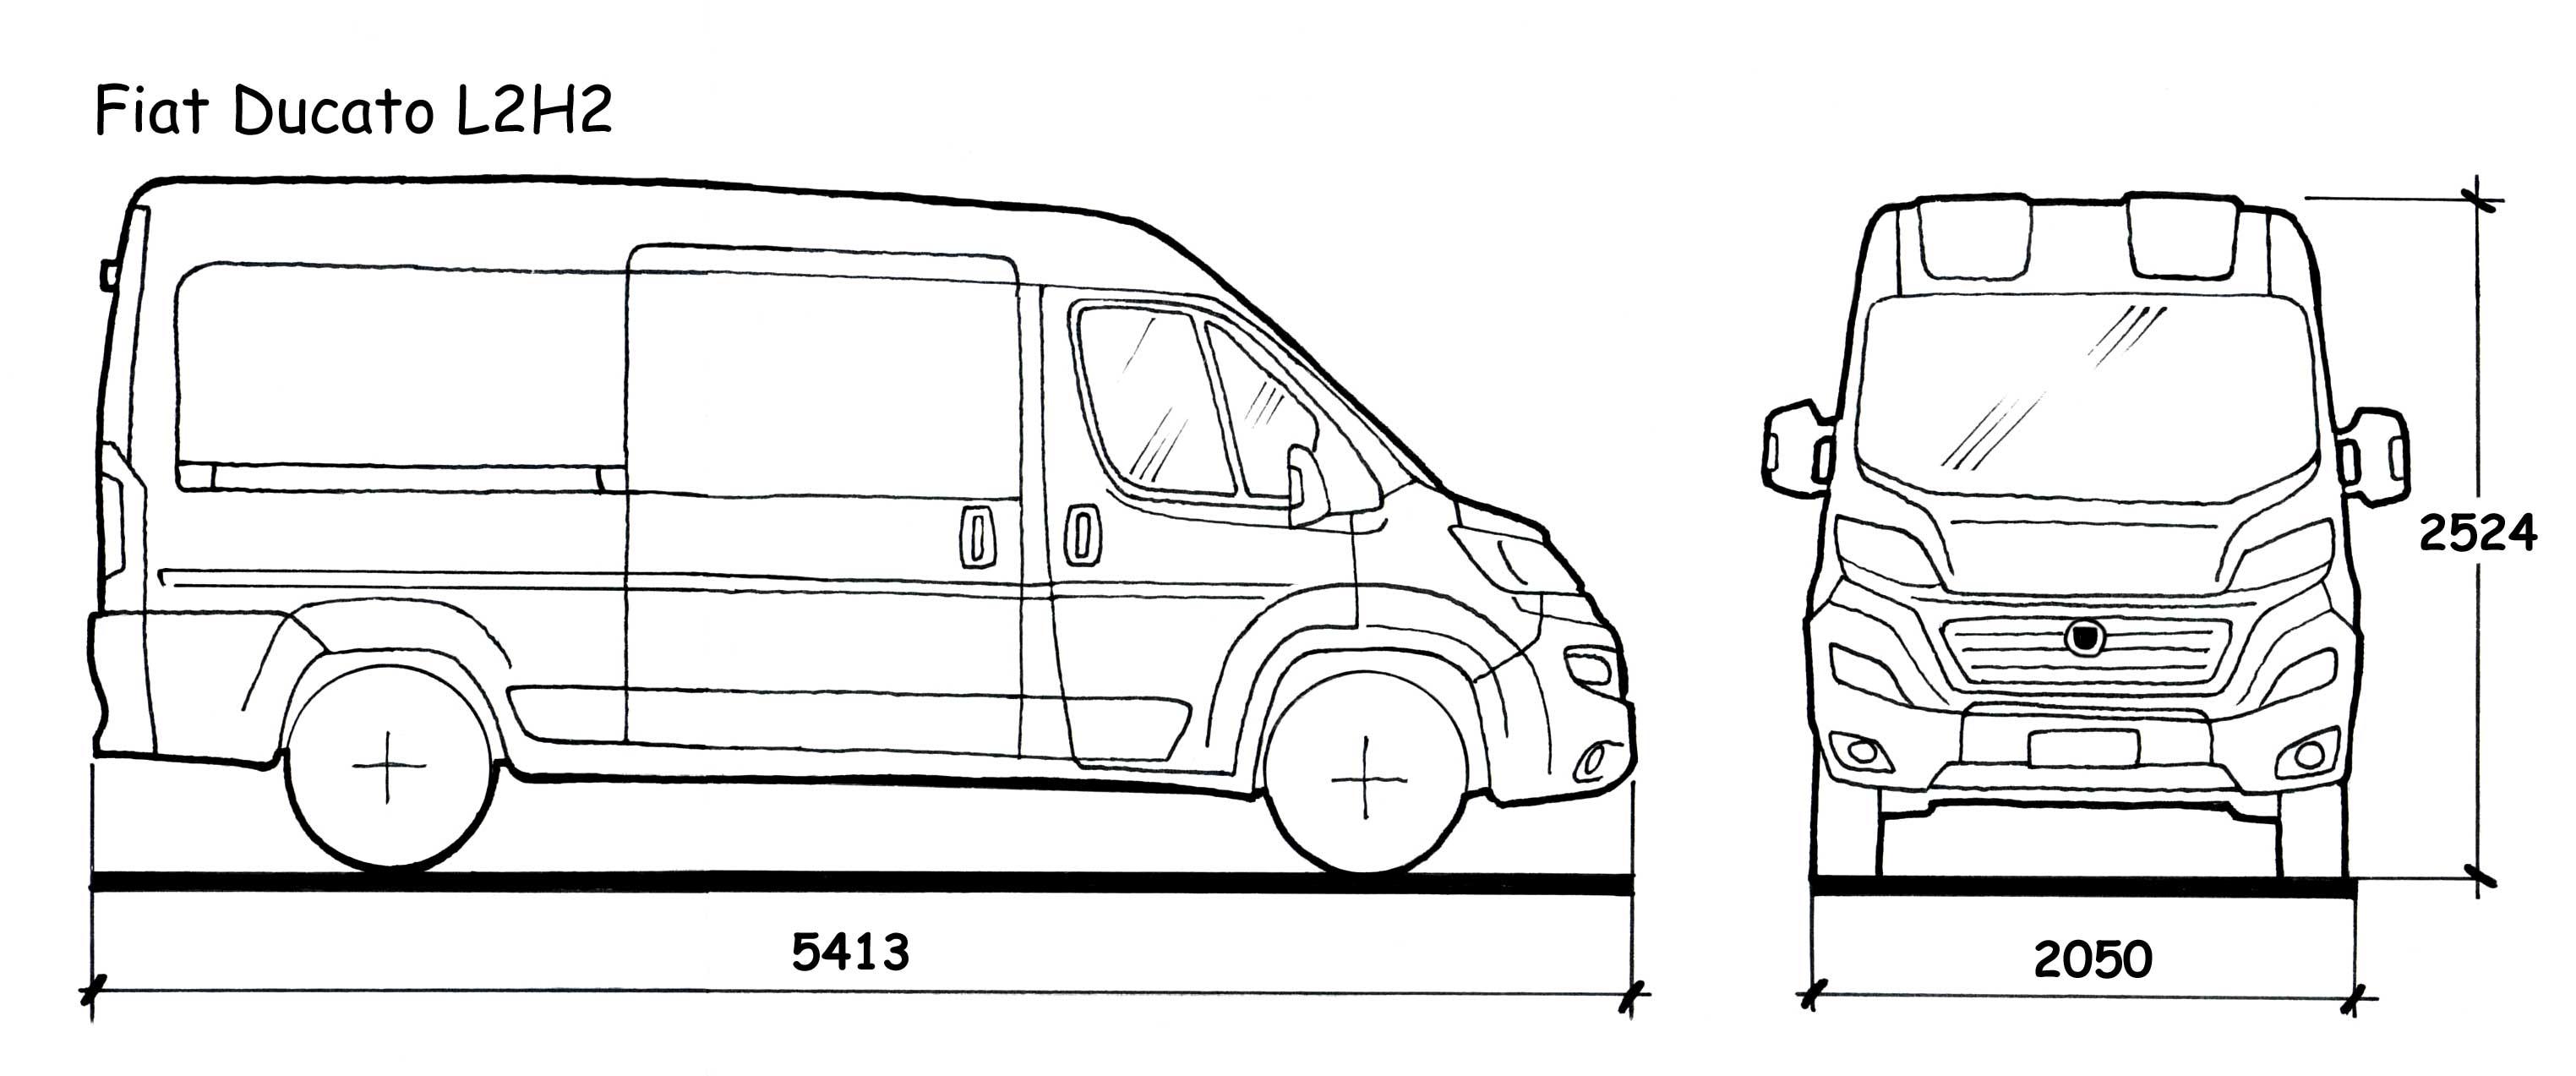 Fiat ducato l2h2 dimensioni